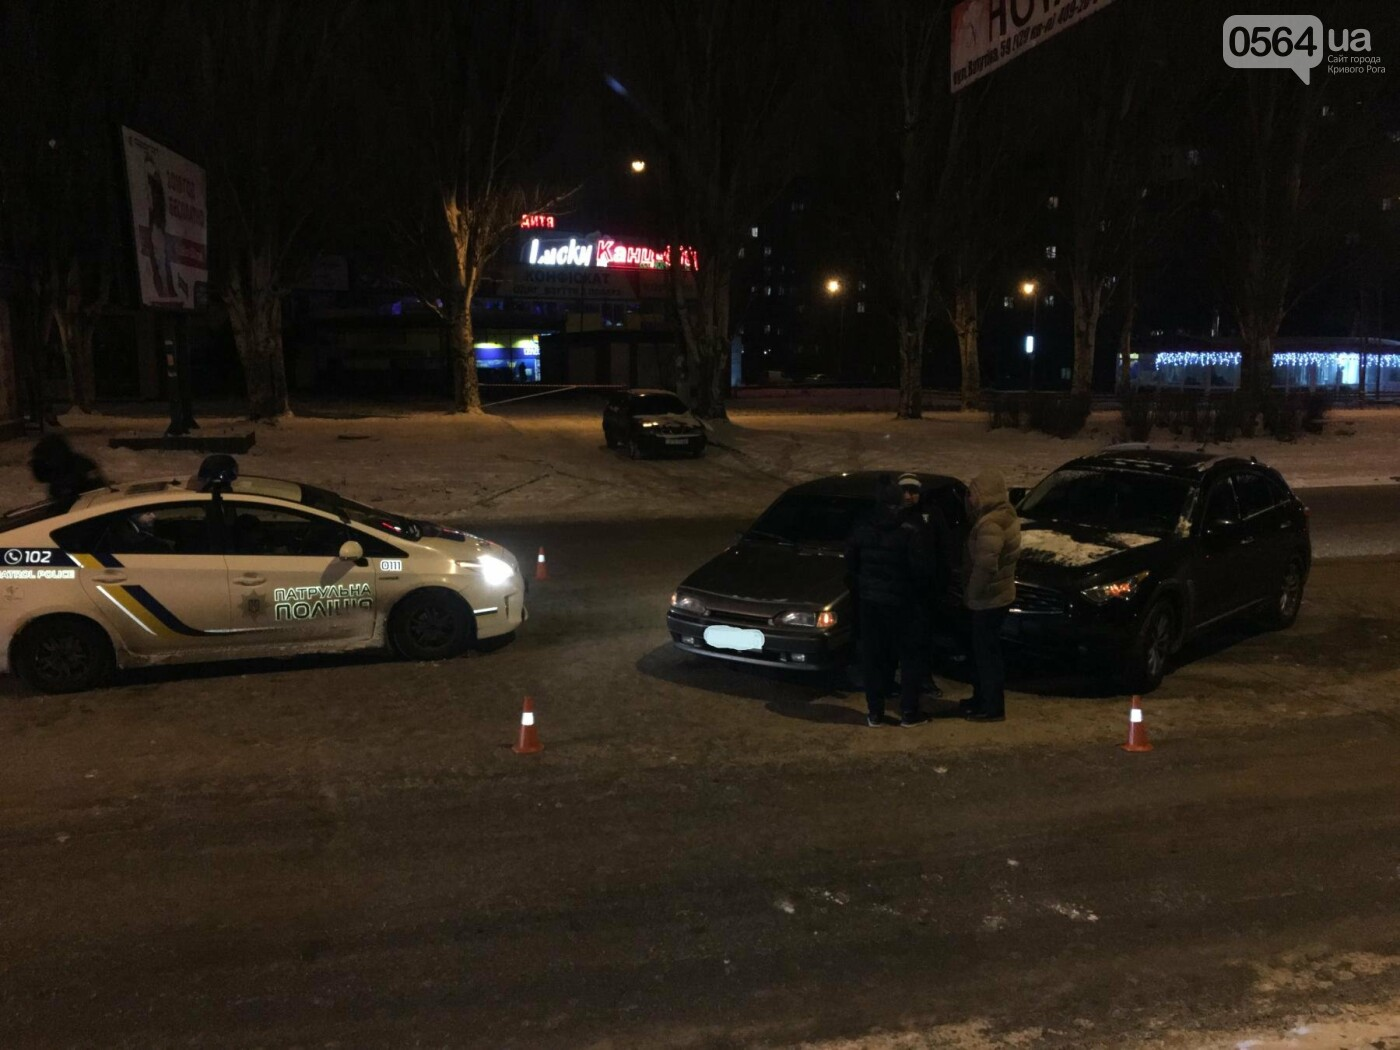 ДТП в Кривом Роге: Перед пешеходным переходом столкнулись ВАЗ и Инфинити (ФОТО), фото-3